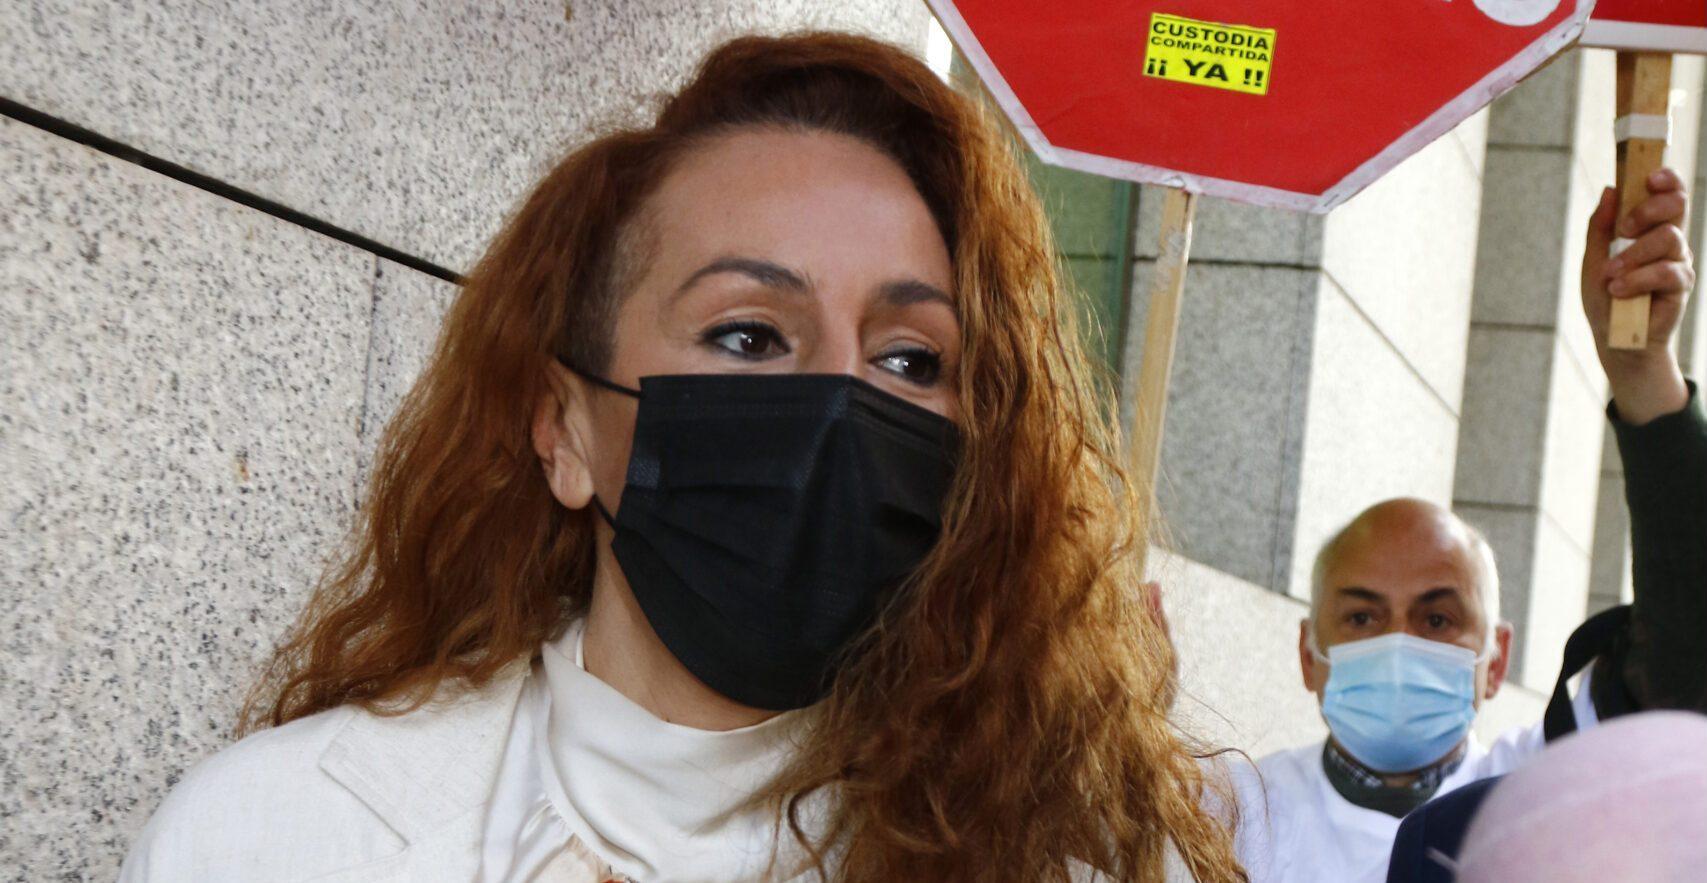 Rocío Carrasco acude al juicio por la demanda civil interpuesta por Antonio David Flores por impago de la pensión de sus hijos, a 30 de abril de 2021, en Madrid, (España). ROCIO CARRASCO;JUZGADOS;JUICIO;PENSION;MANUTENCION;ANTONIO DAVID FLORES;30 ABRIL 2021 José Ramón Hernando / Europa Press 30/4/2021